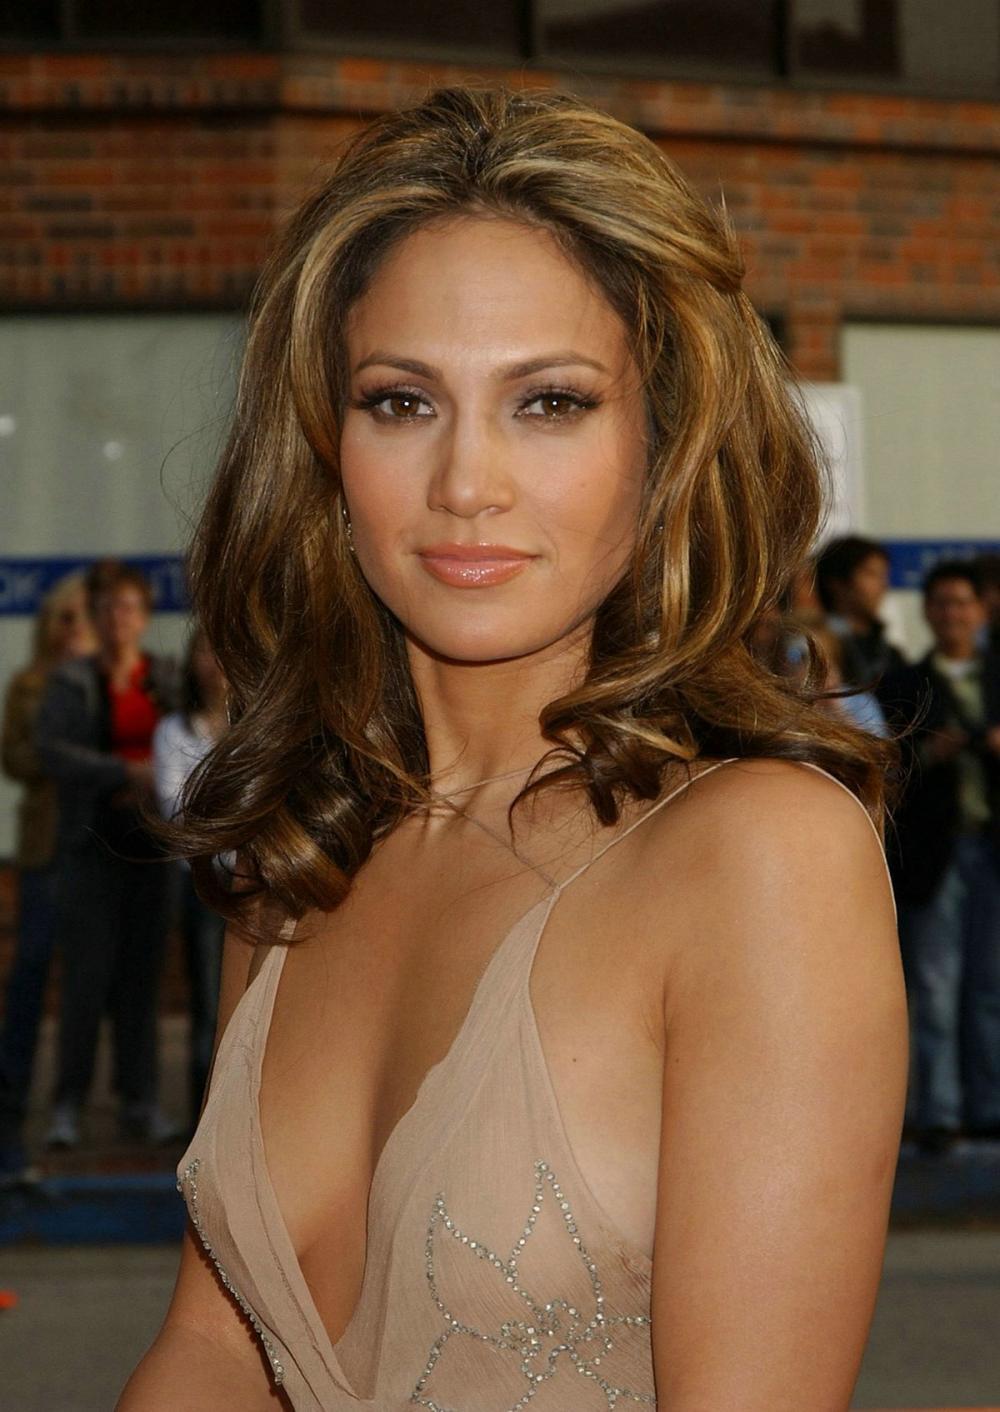 Дженифер Лопес фото портрет в просвещающемся платье с глубоким декольте видна грудь